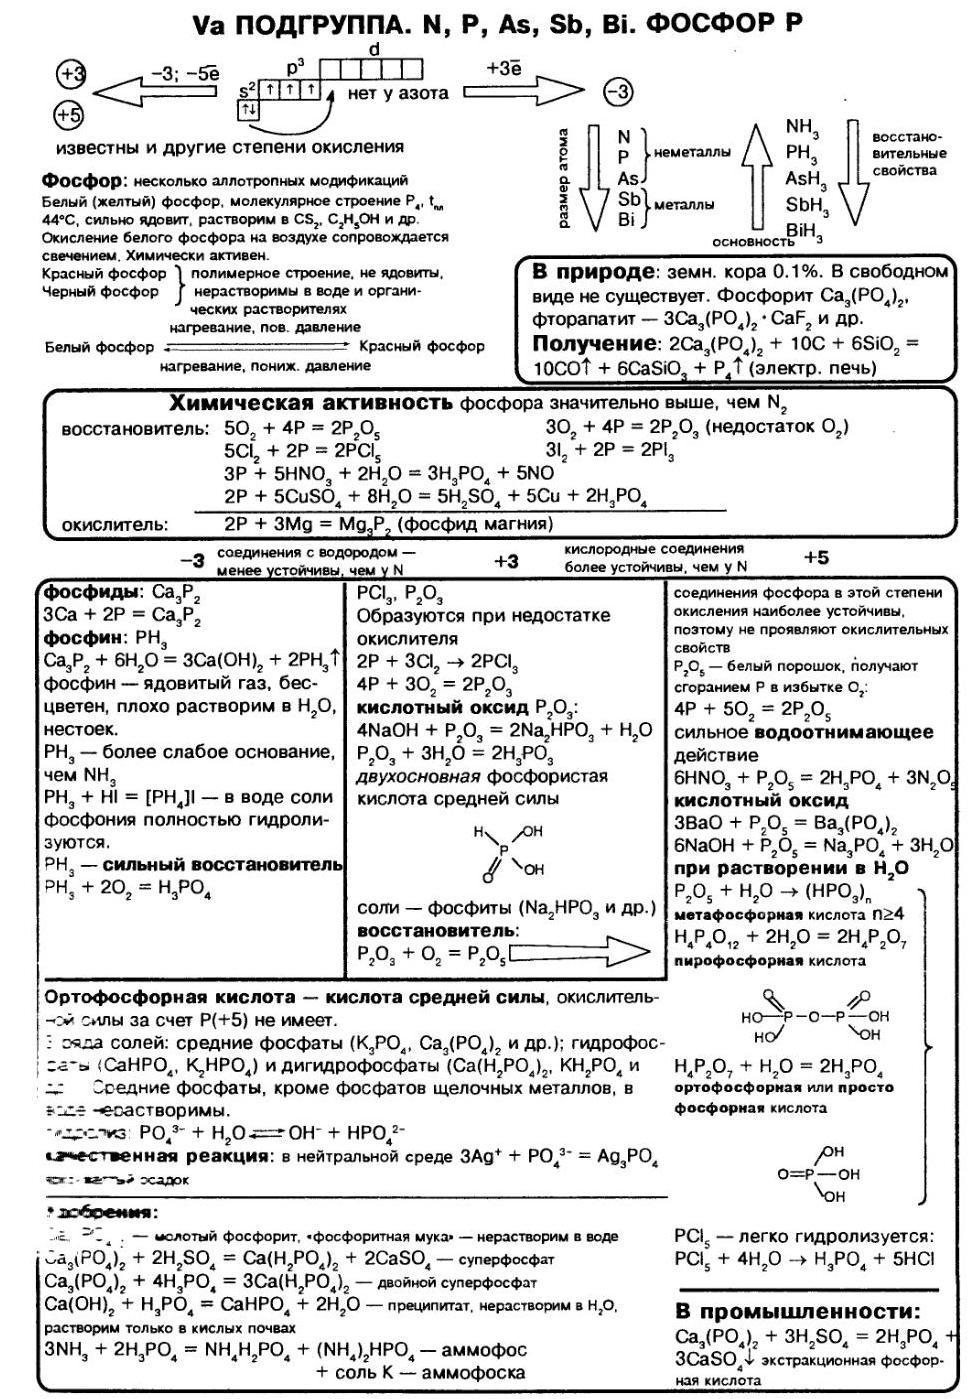 всё о фосфоре кратко в одной таблице